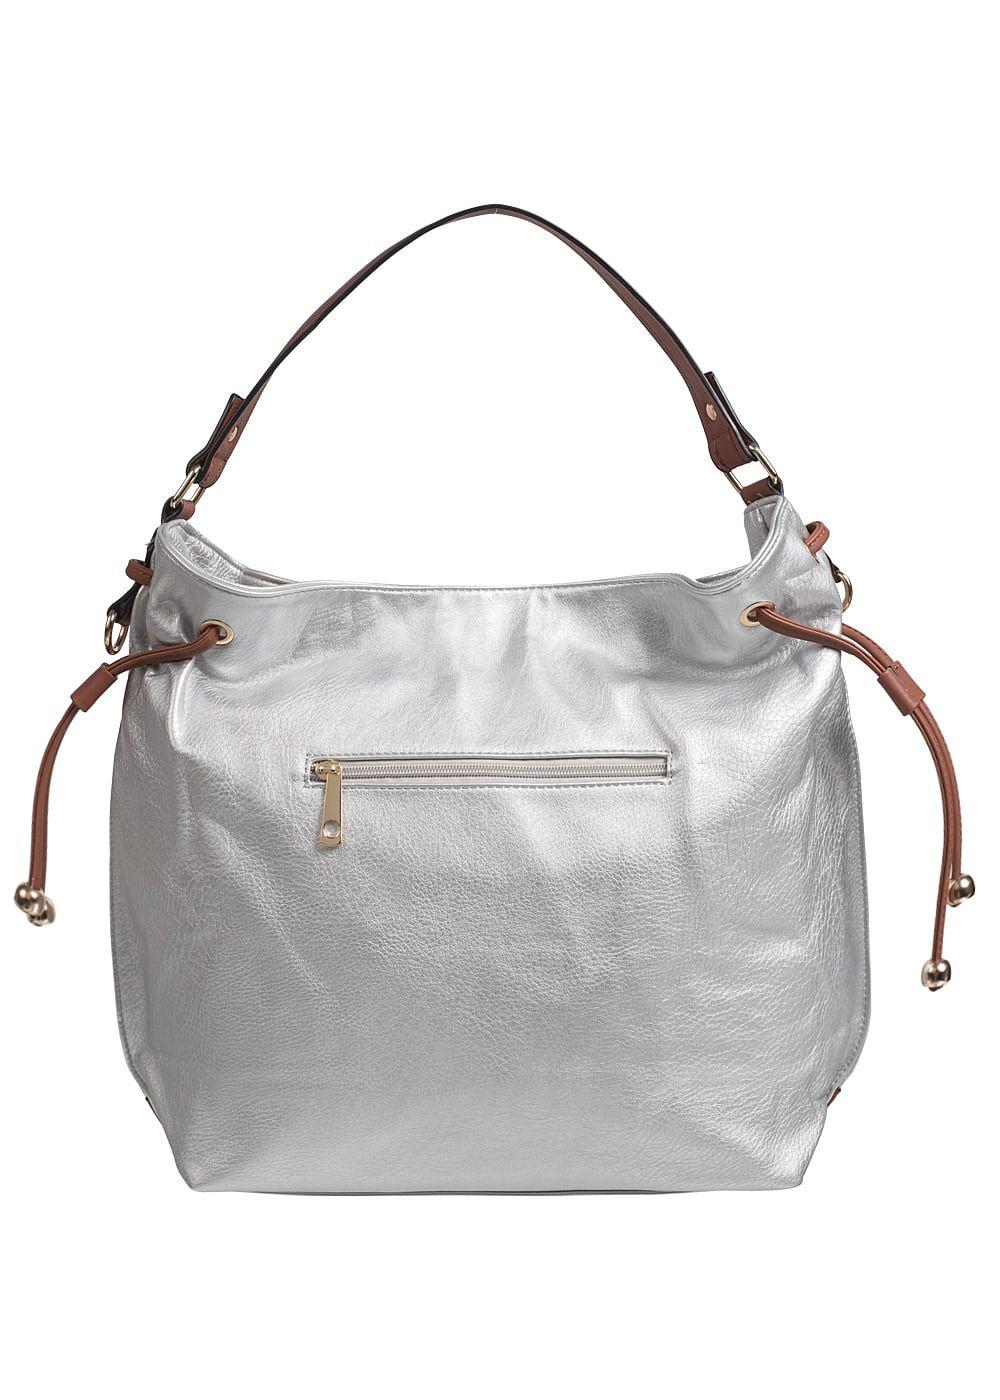 Styleboom Fashion Damen Handtasche Breite: 46cm Höhe: 33cm silber braun